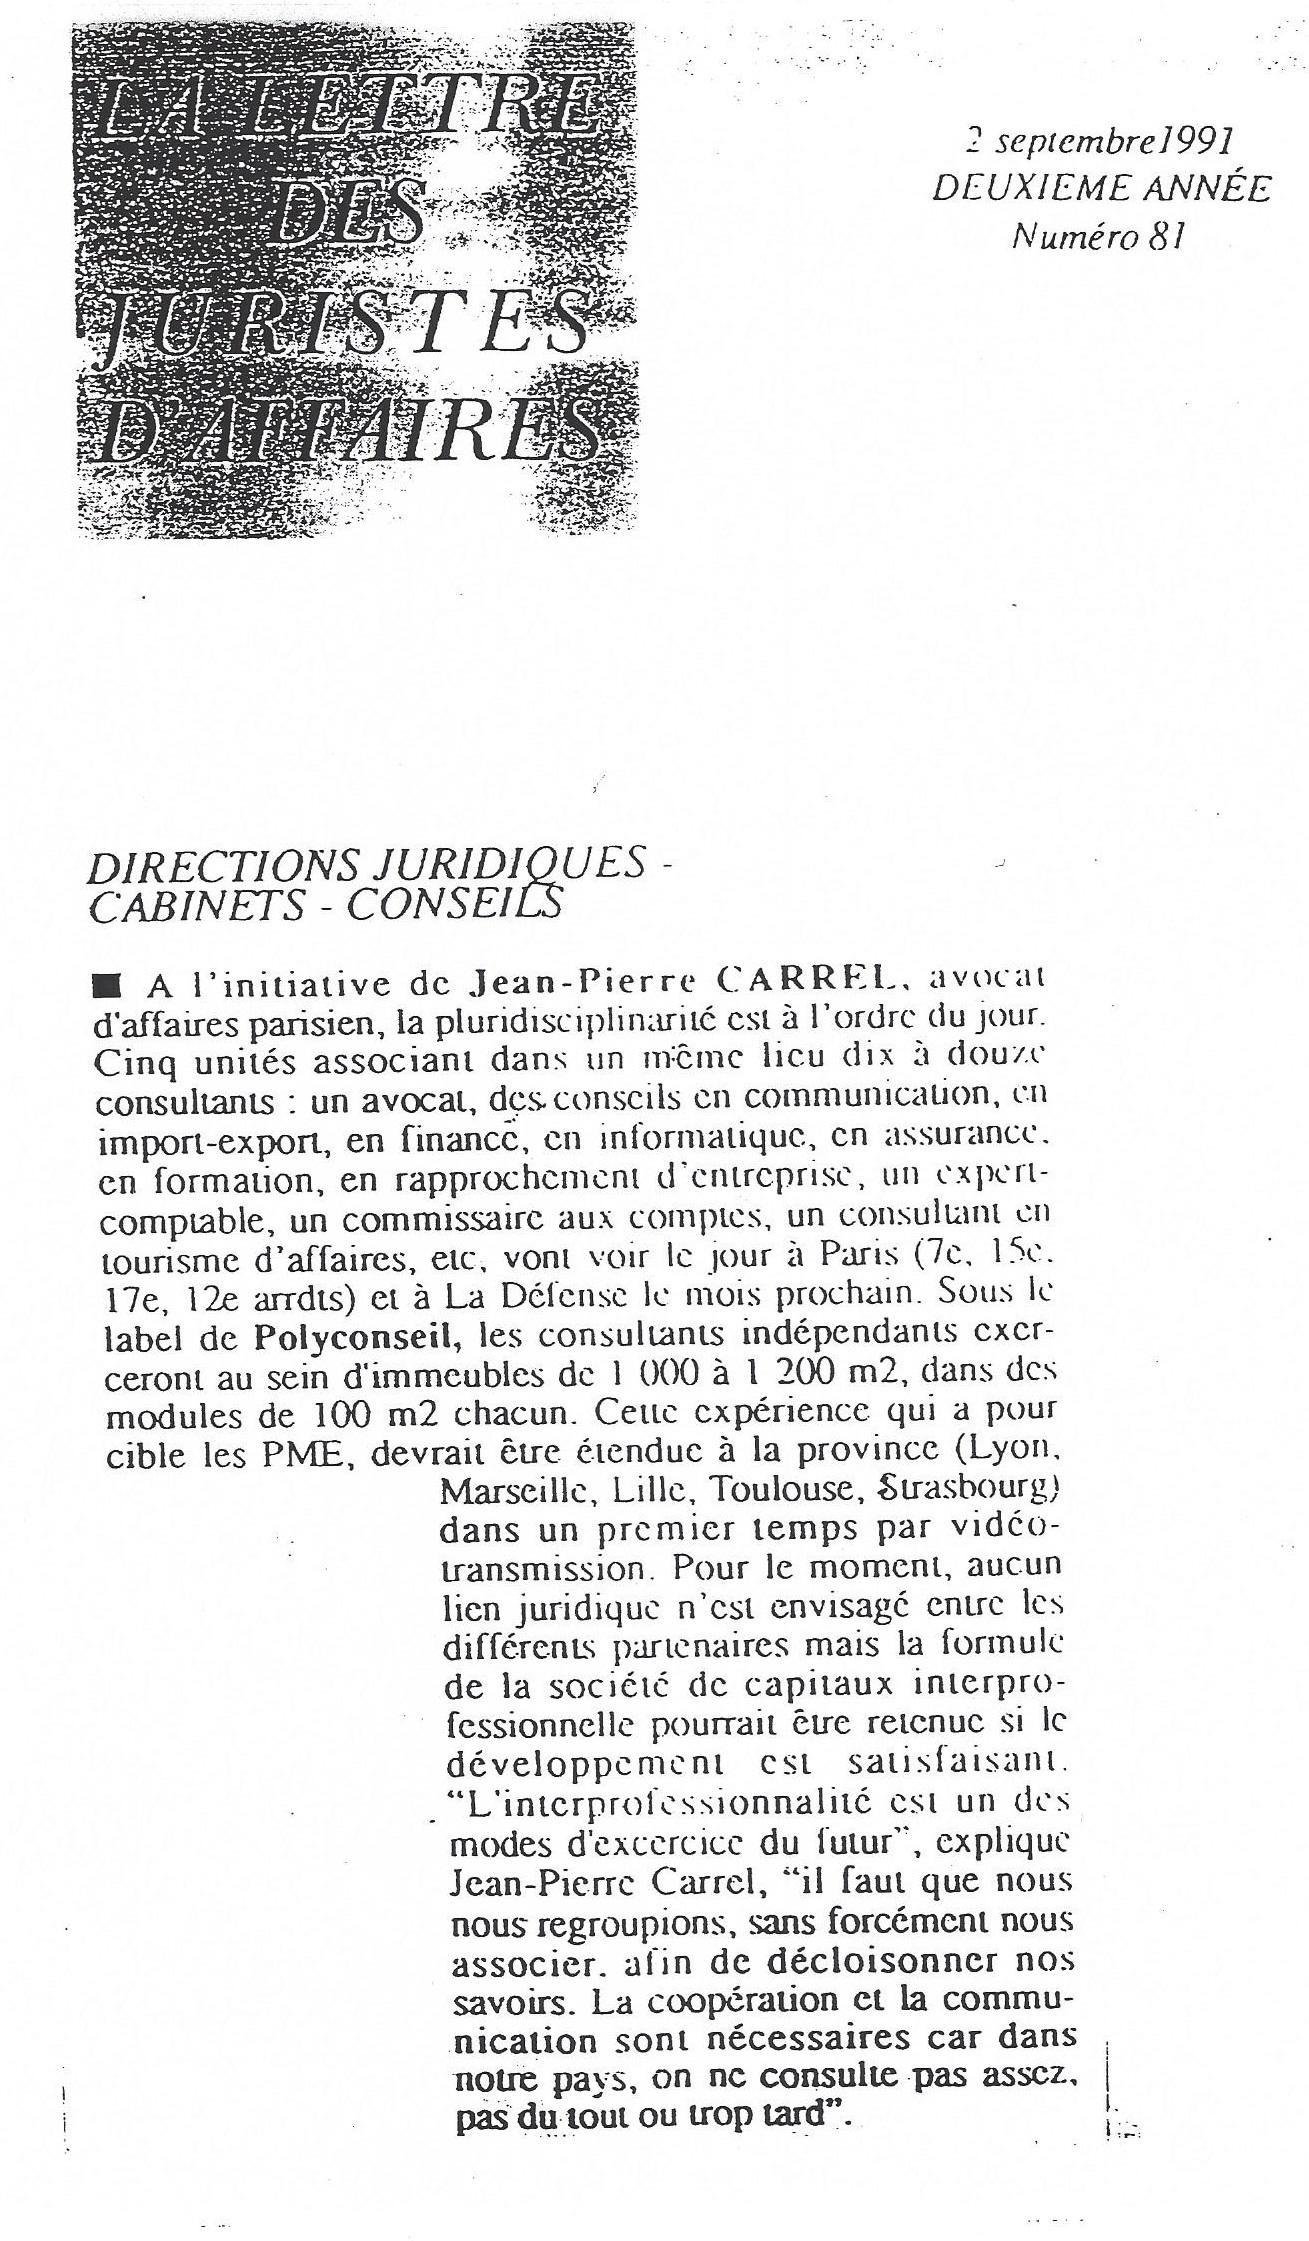 La lettre des Juristes d'Affaires